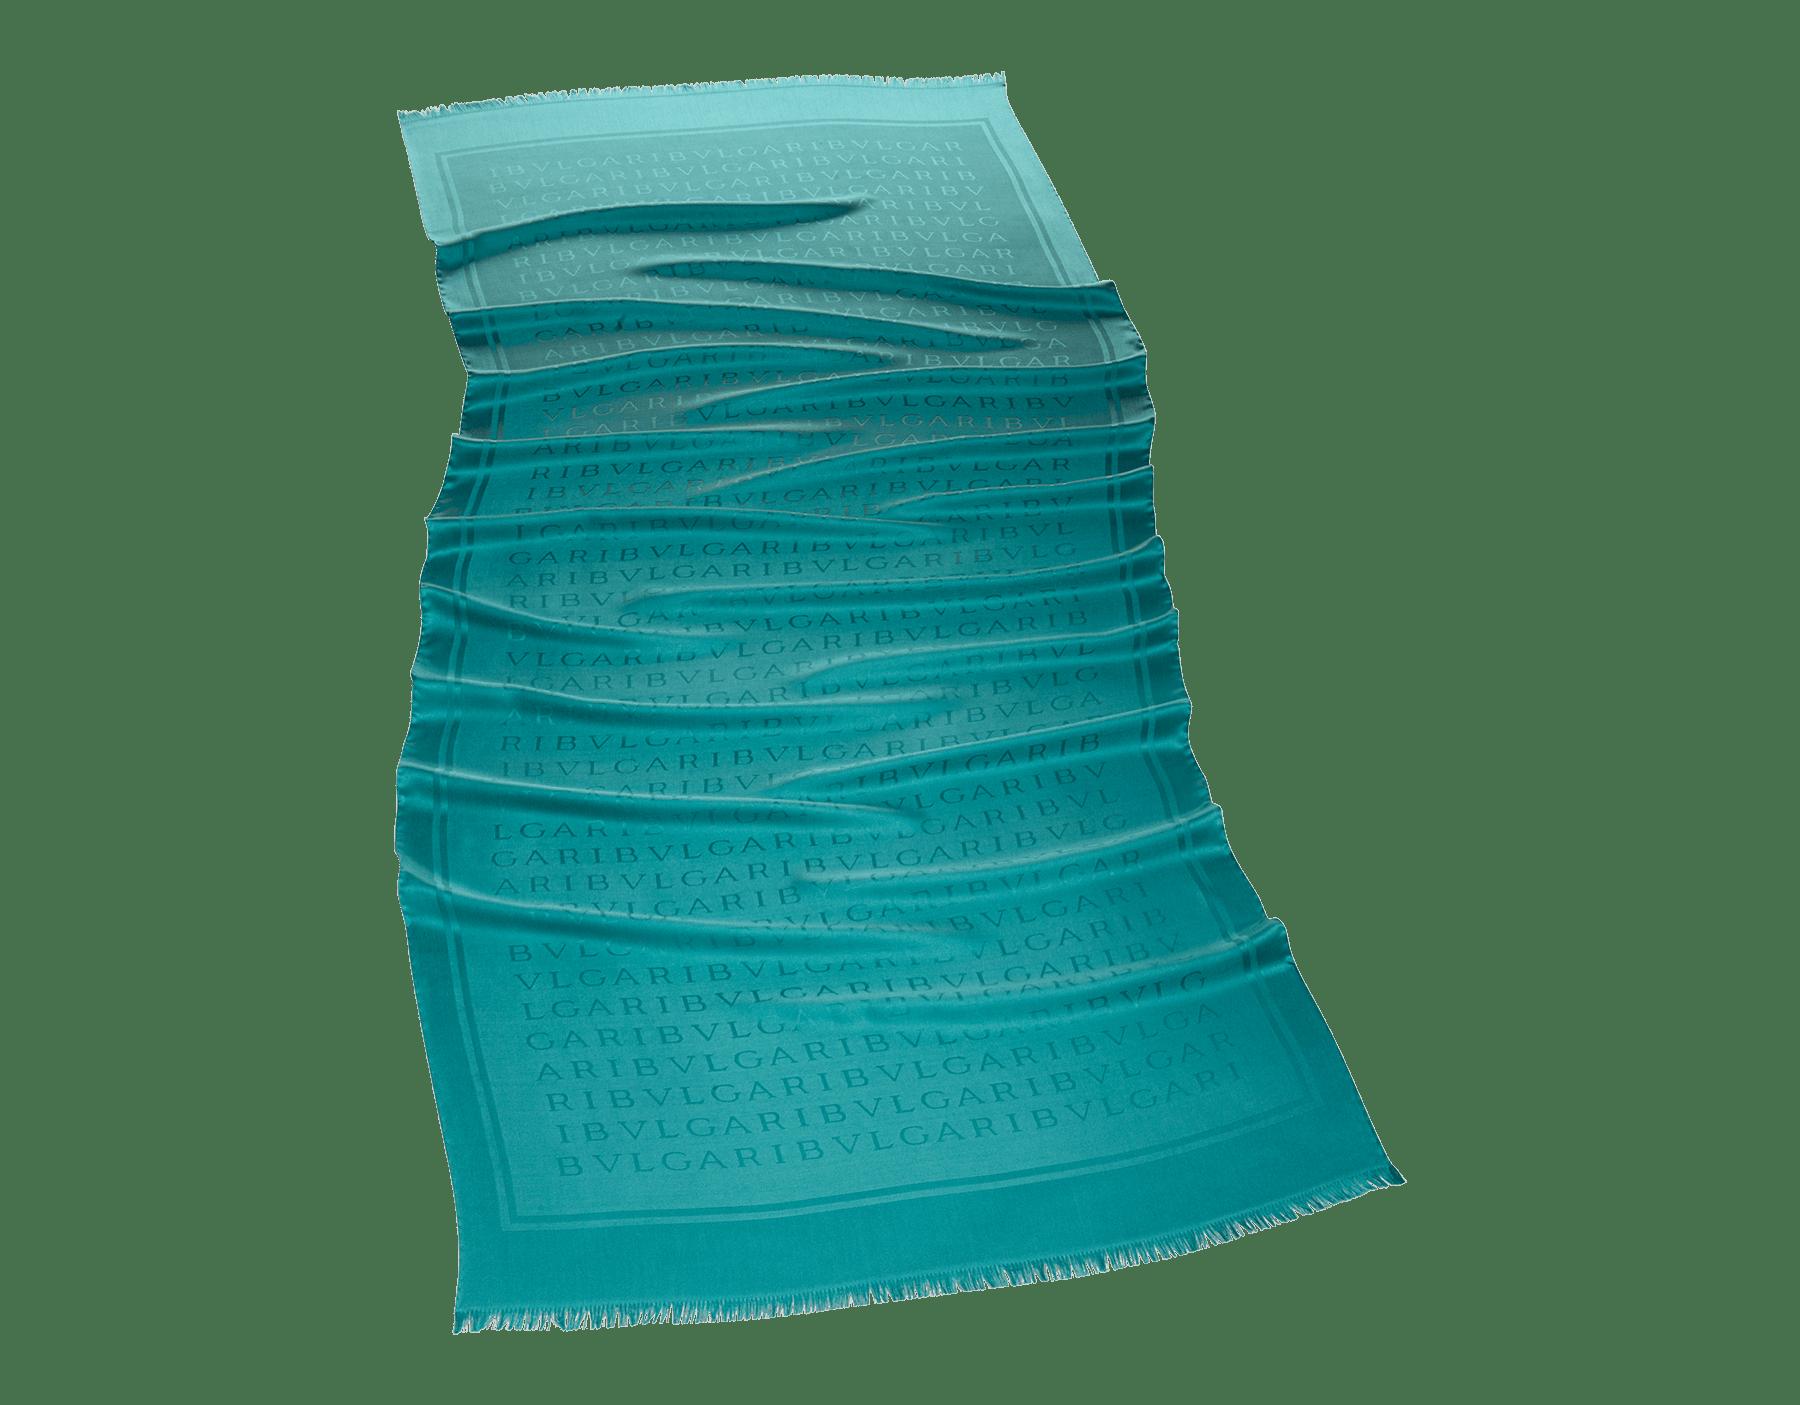 Étole Lettere Maxi Light couleur Arctic Jade en soie fine. 244050 image 1